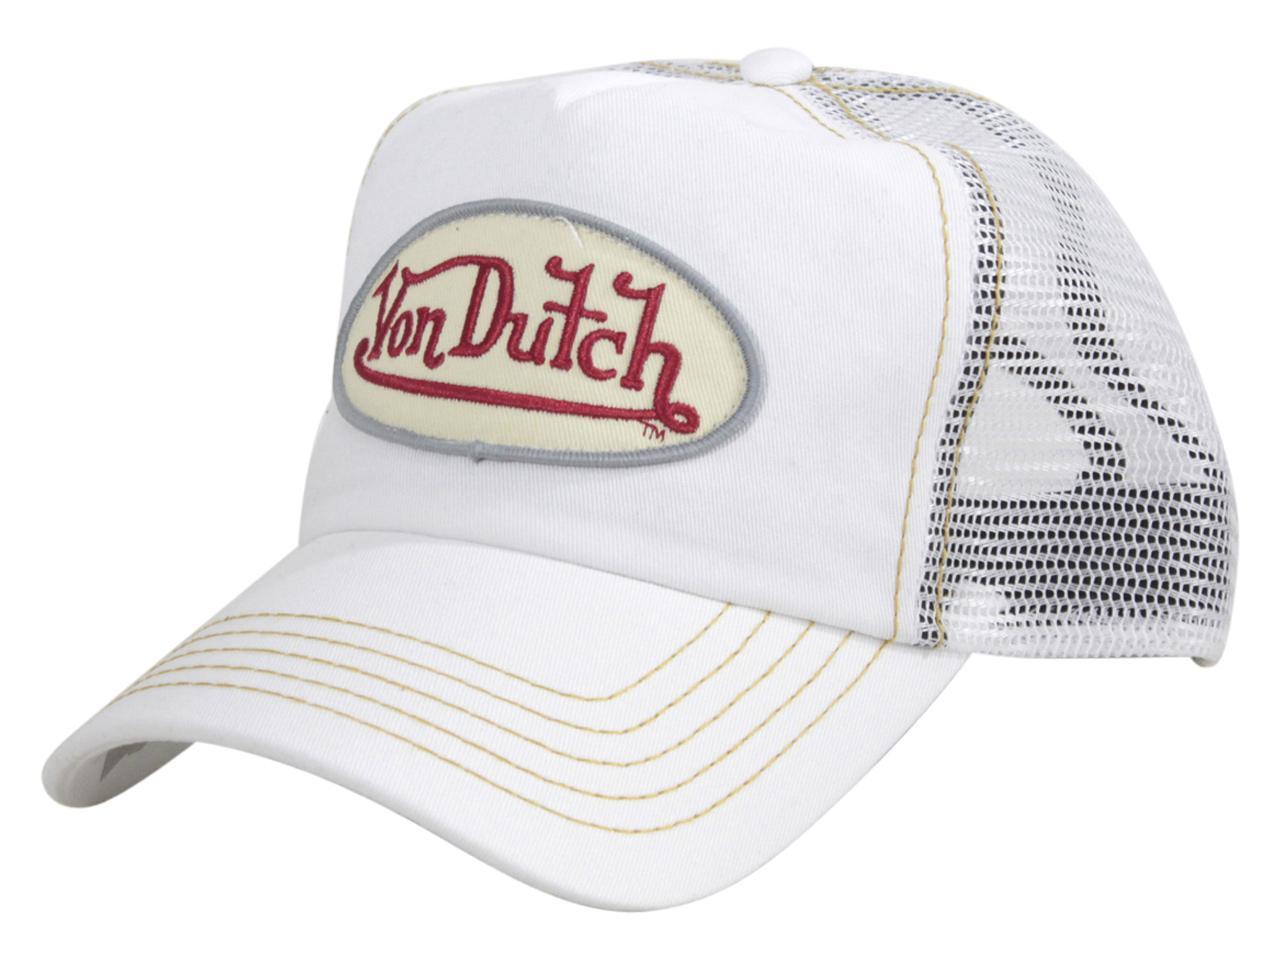 918766f7 Von Dutch Men's Mesh Panel Snapback Trucker Cap Hat by Von Dutch